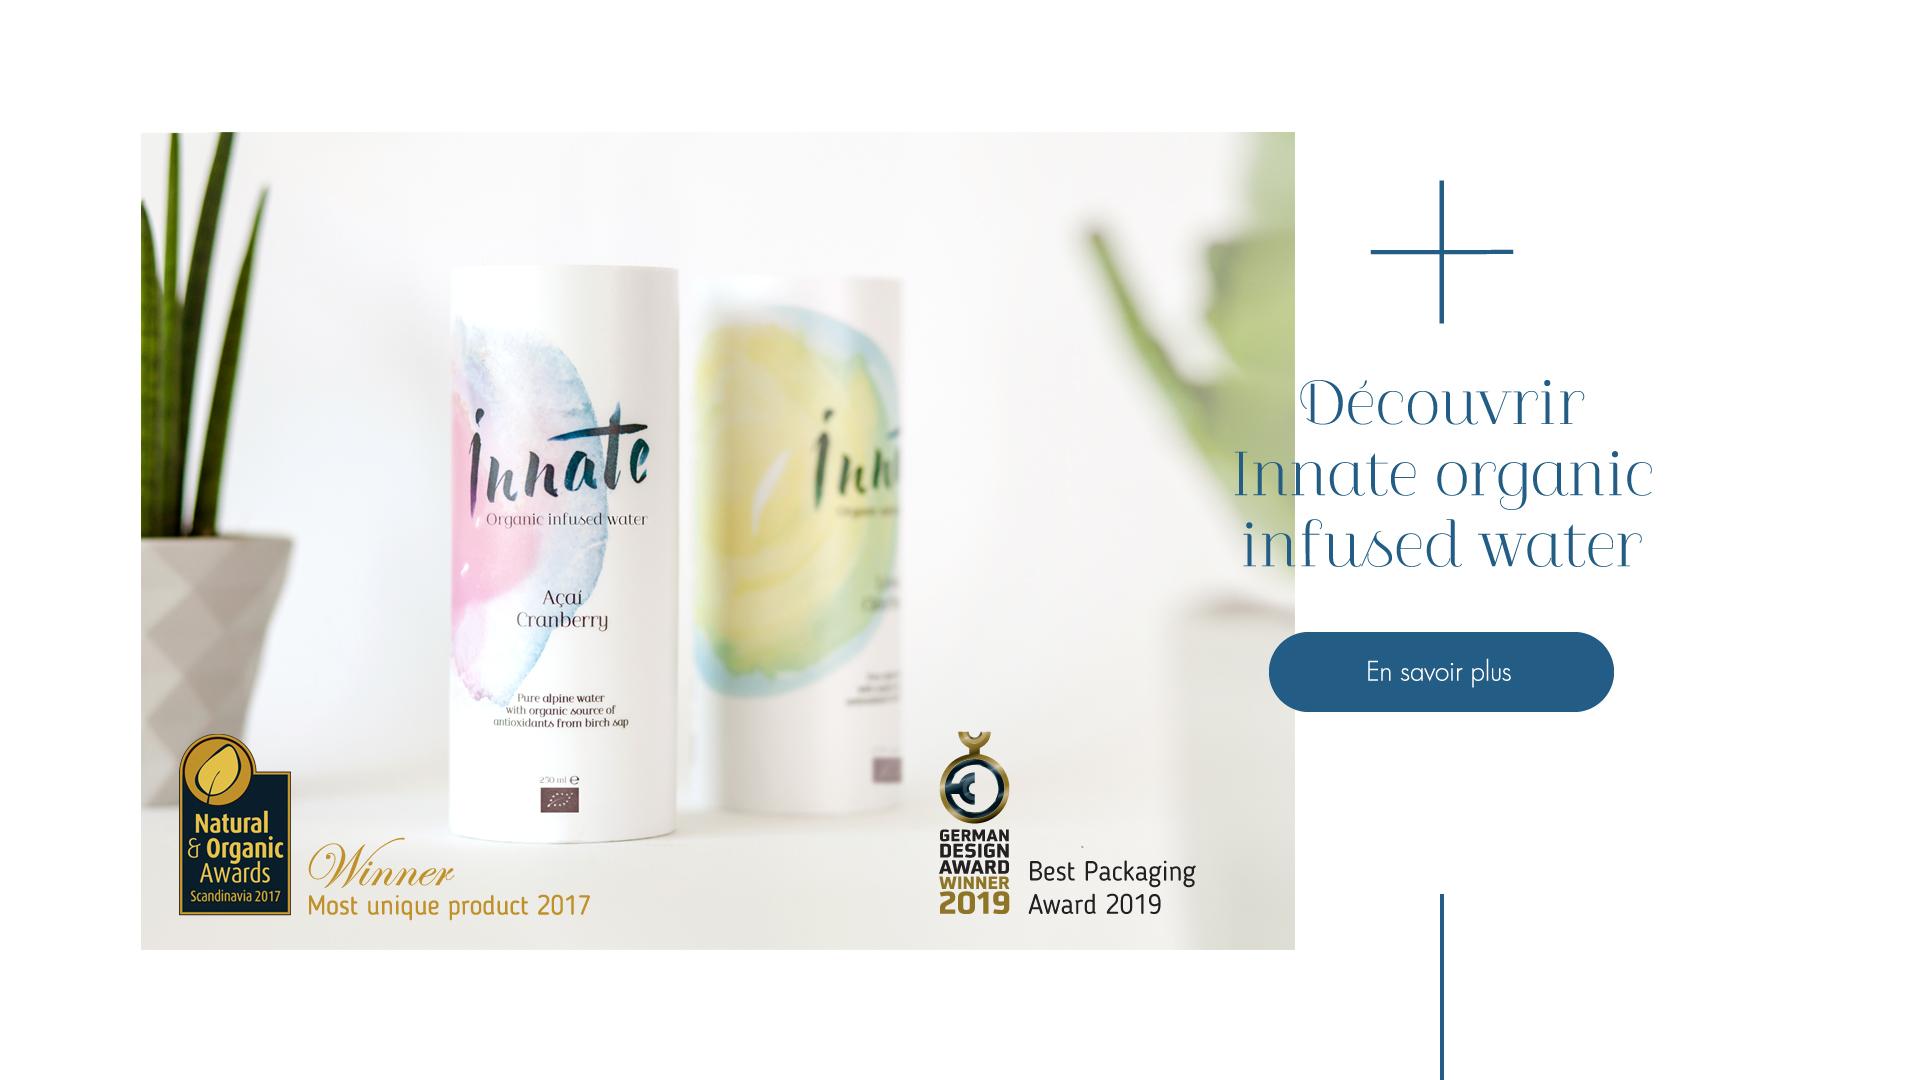 Innate Organic Infused Water